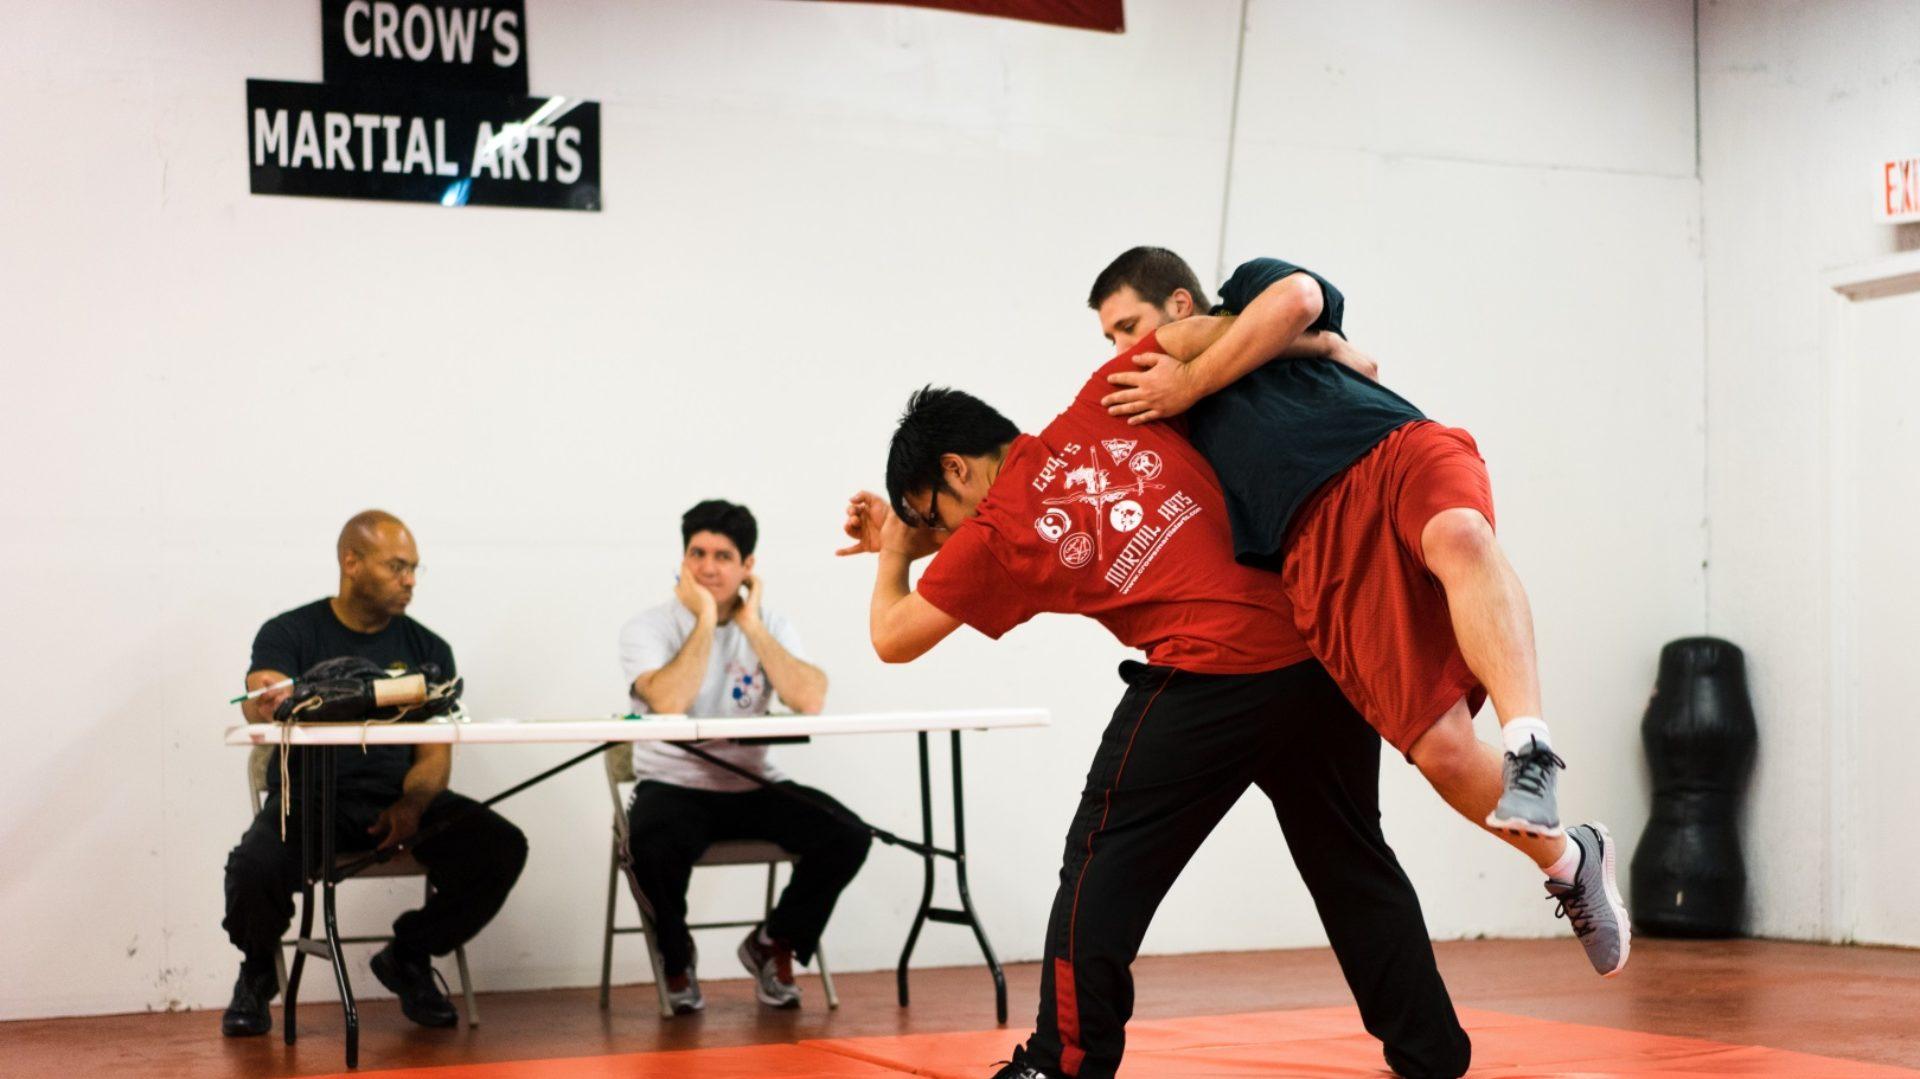 Crow's Martial Arts LLC